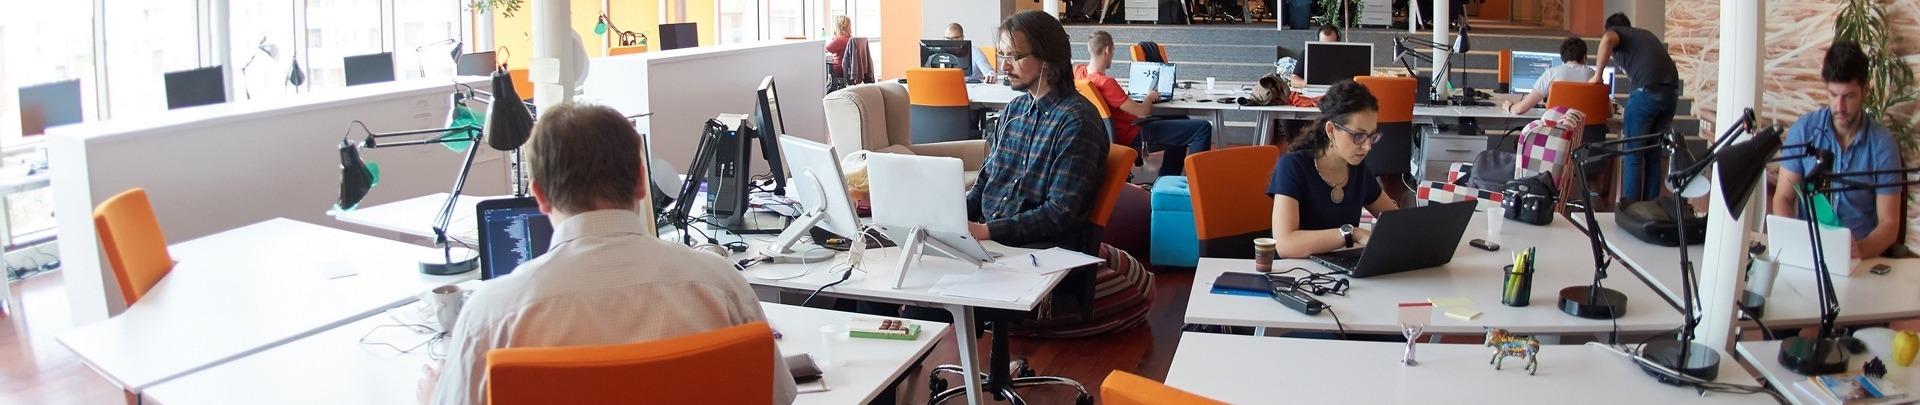 Werken op kantoor